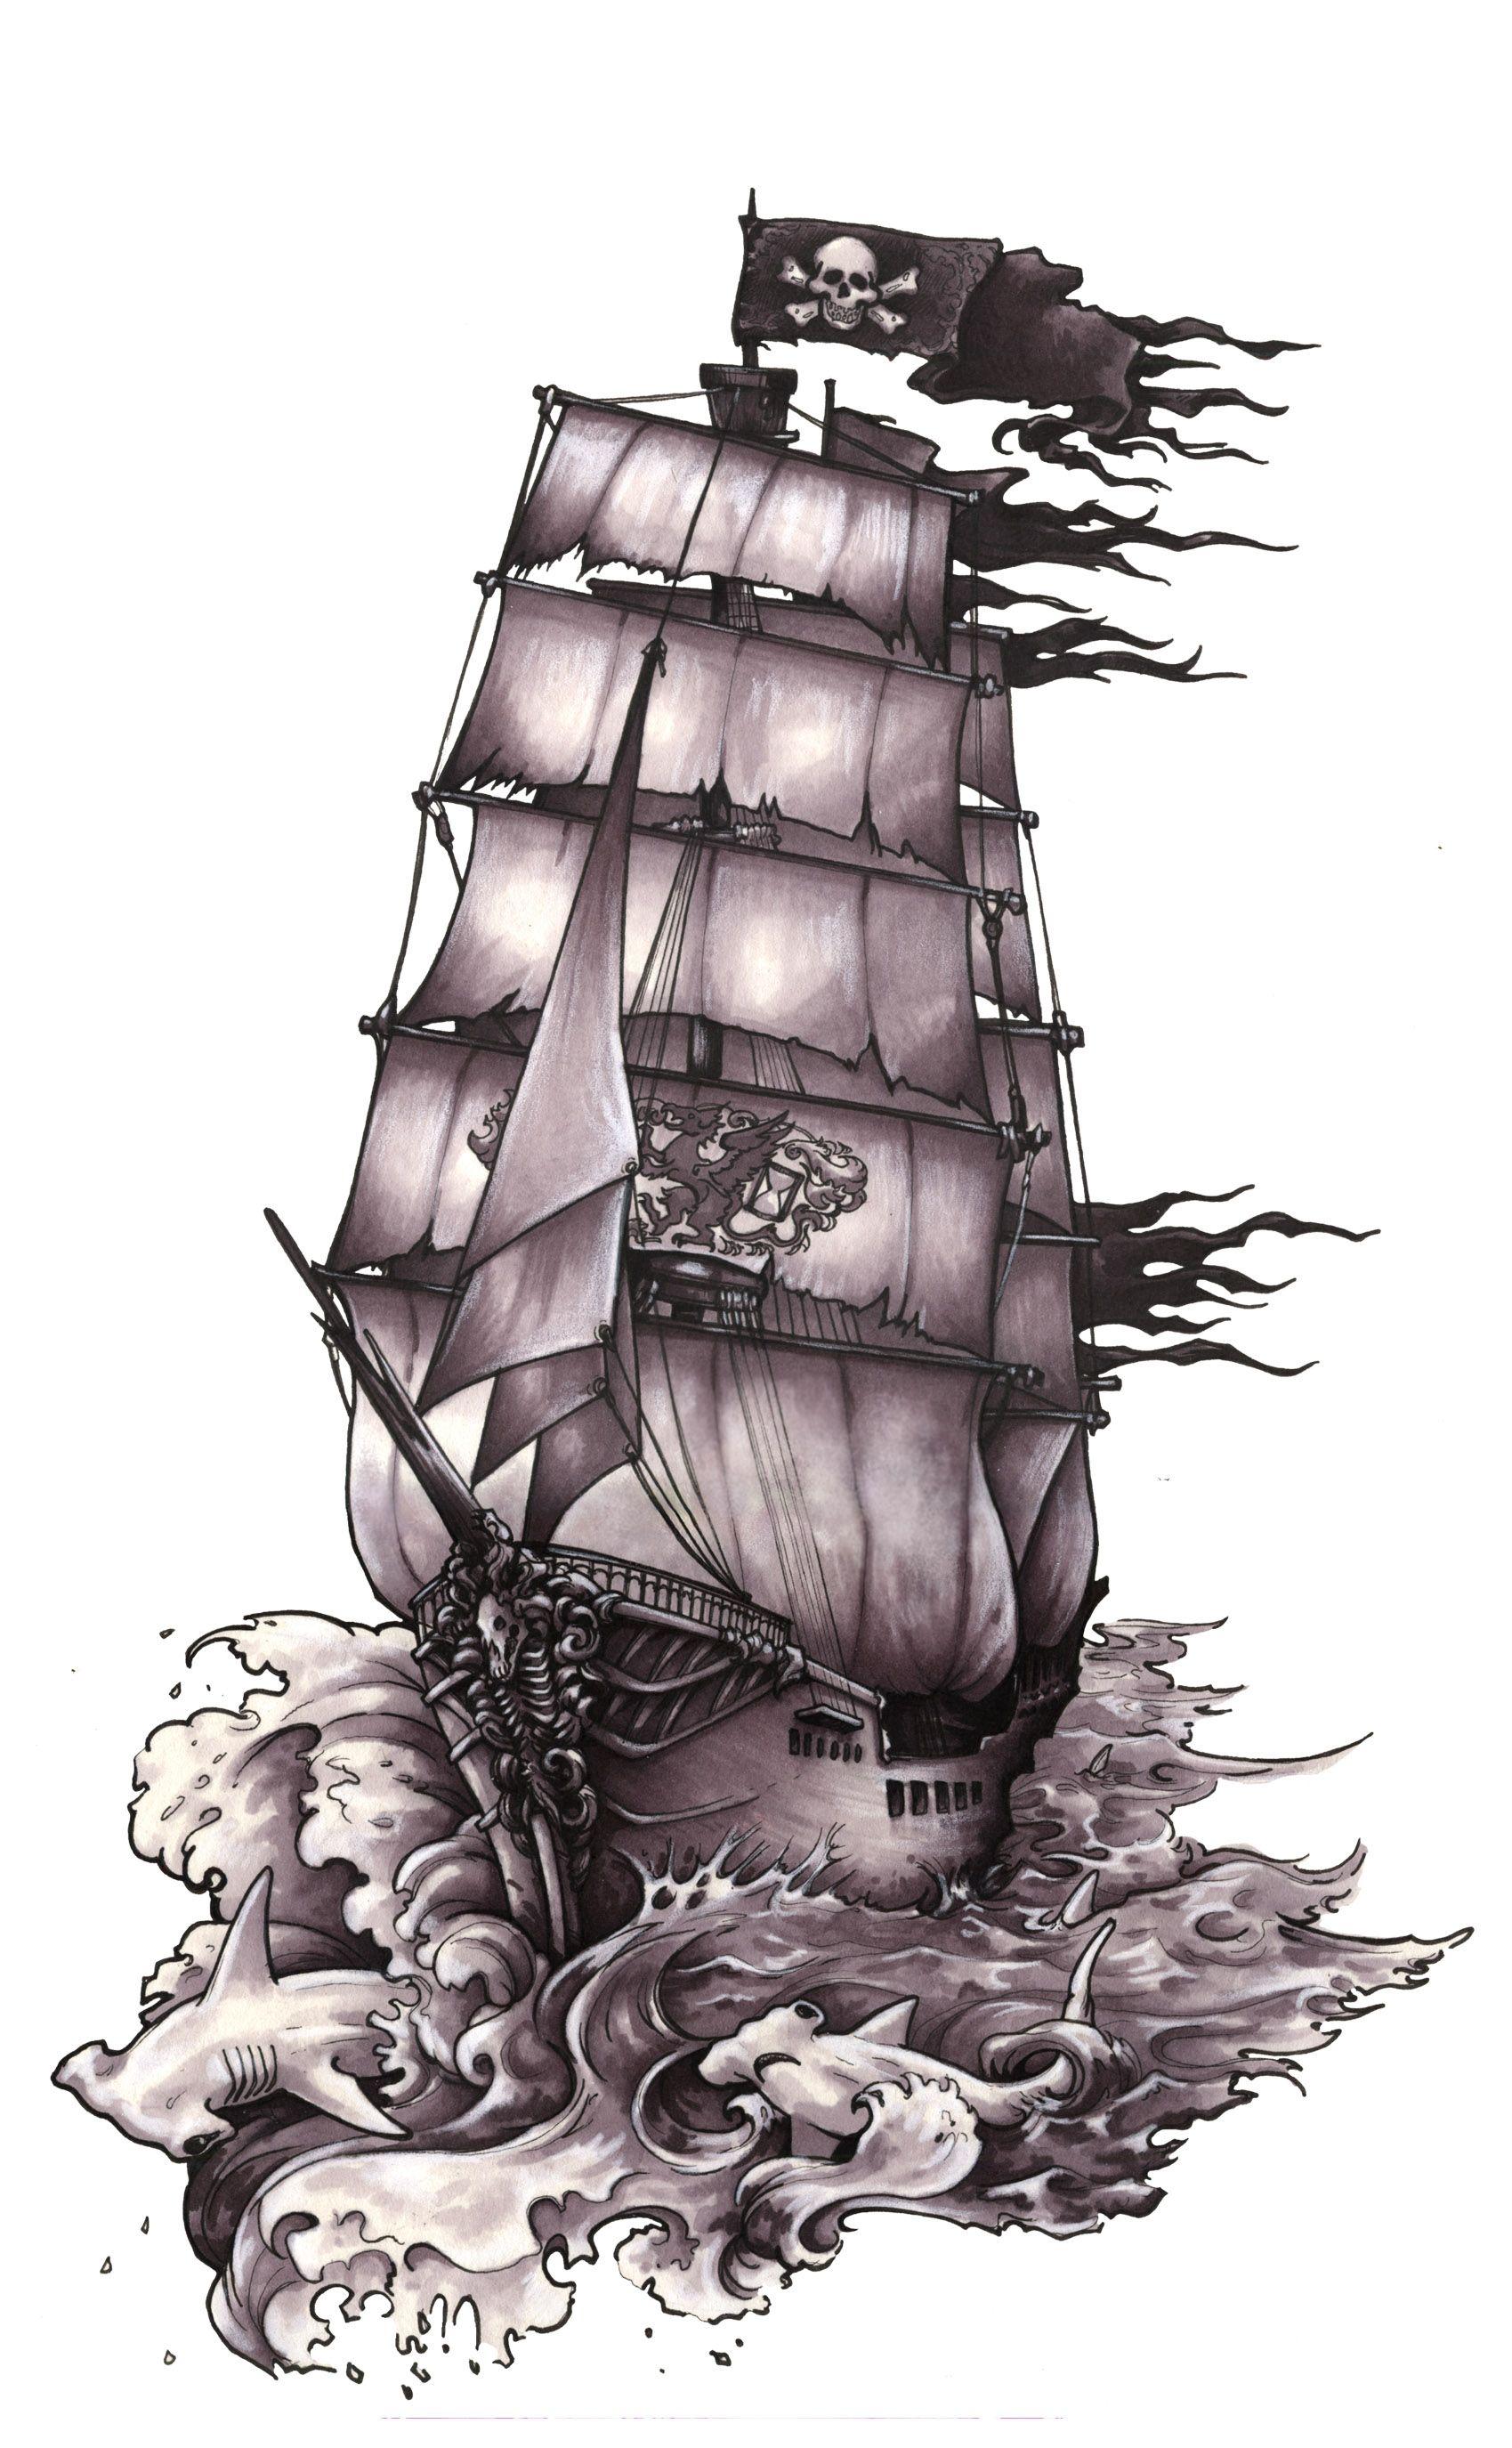 Pirate Ship Tatouage Bateau Tatouage Pirate Bateau Pirate Dessin